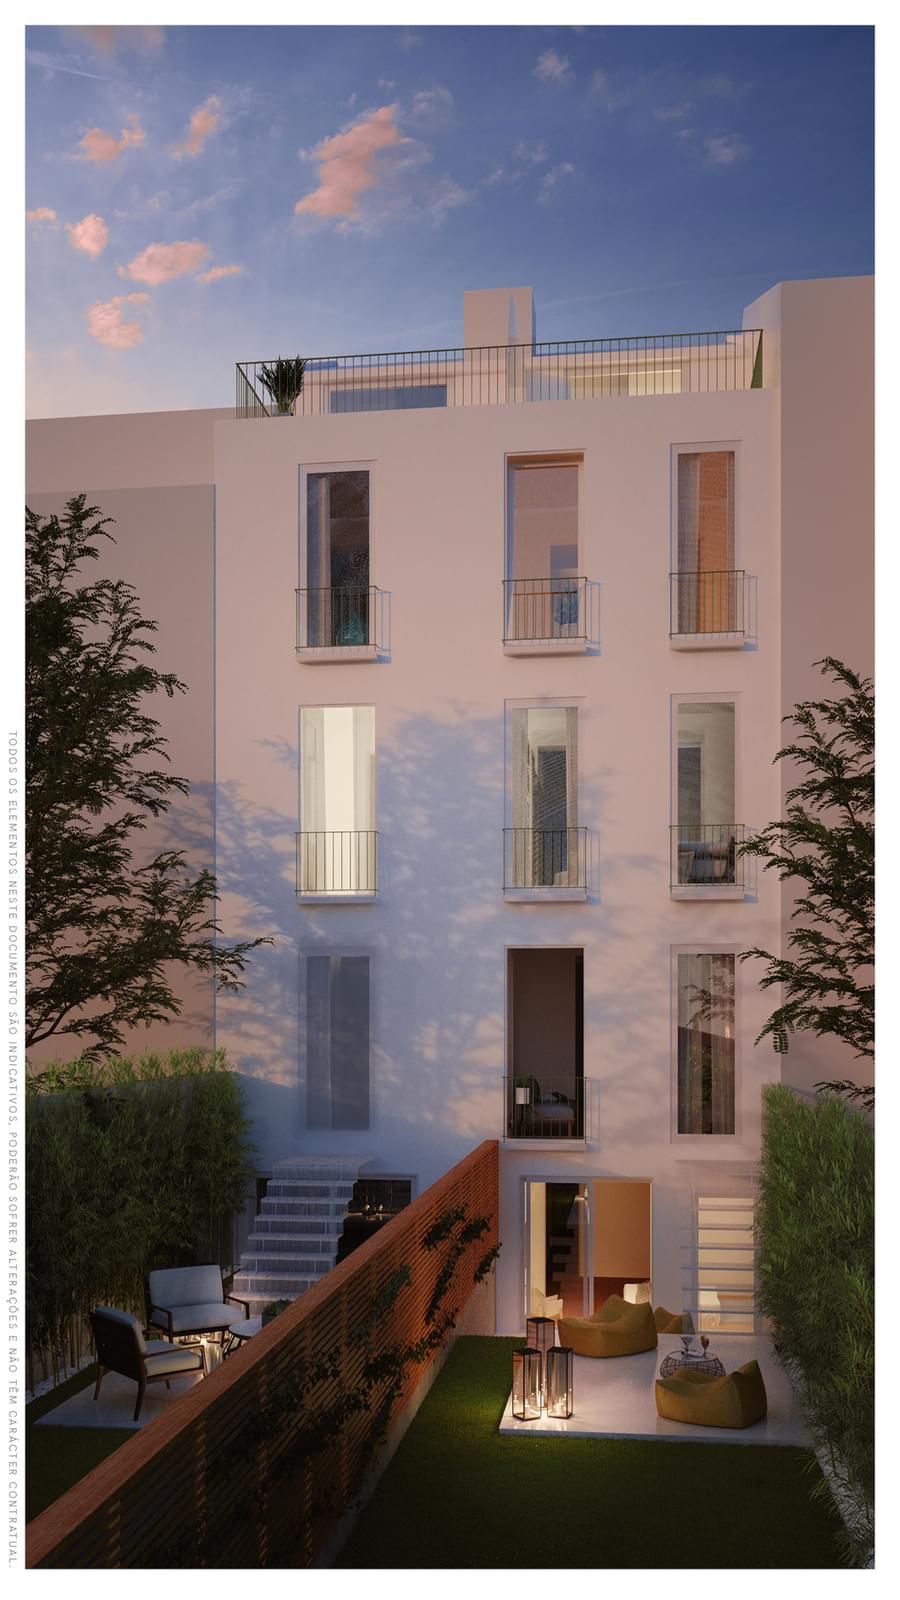 pf17324-apartamento-t2-lisboa-2ee3f394-6943-4395-9d6c-1944fbe28486